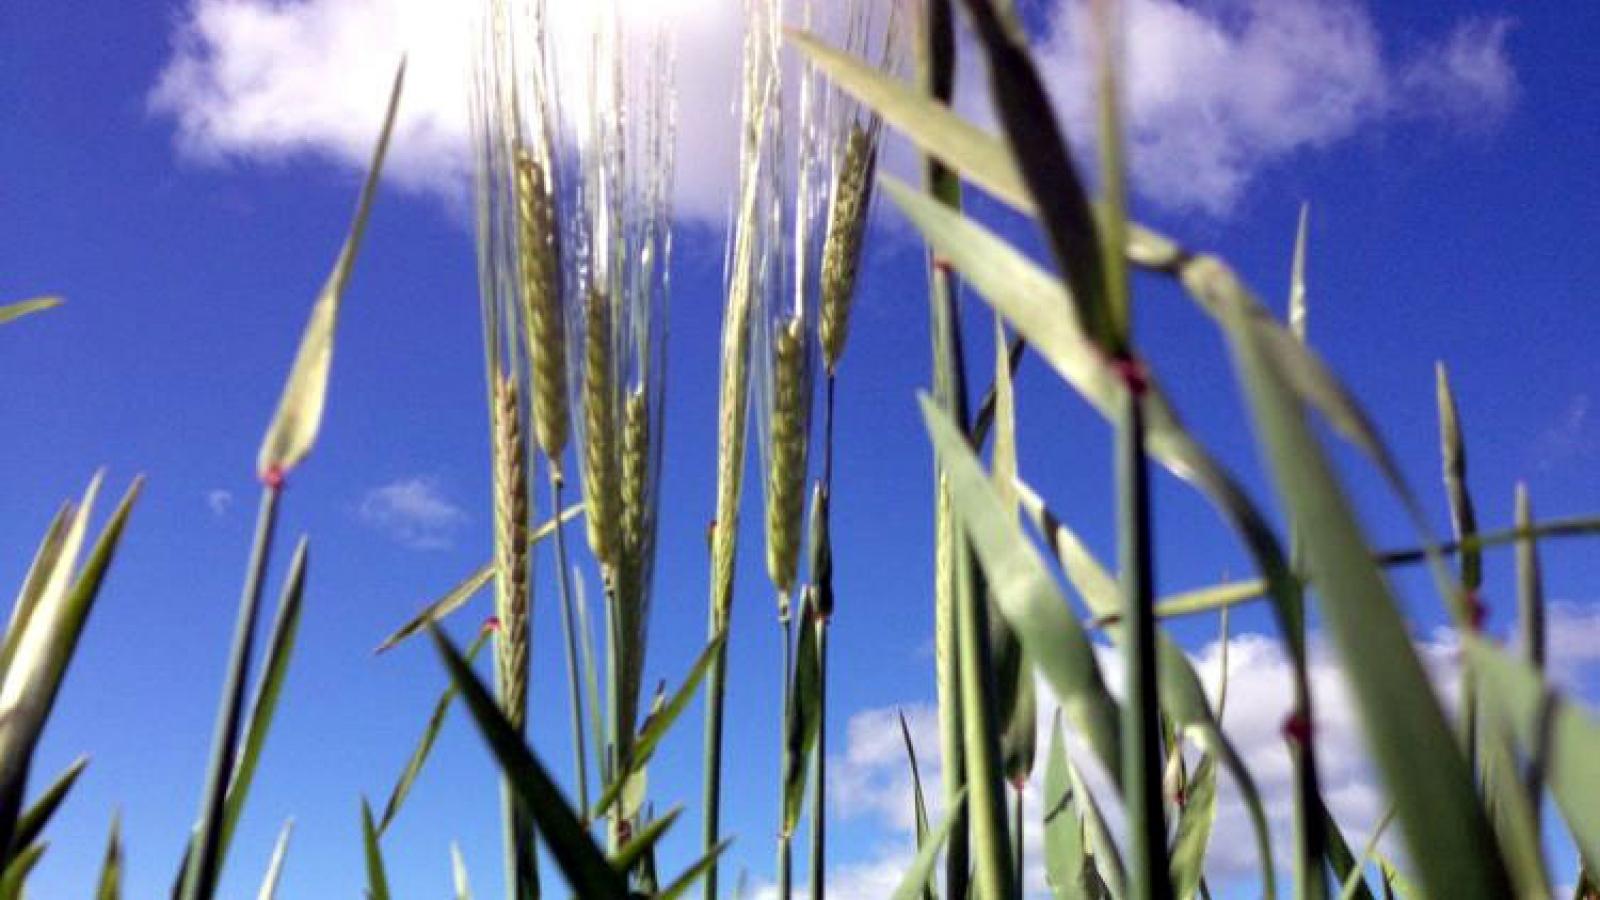 Bị Trung Quốc làm khó, Australia tìm thị trường mới cho lúa mạch